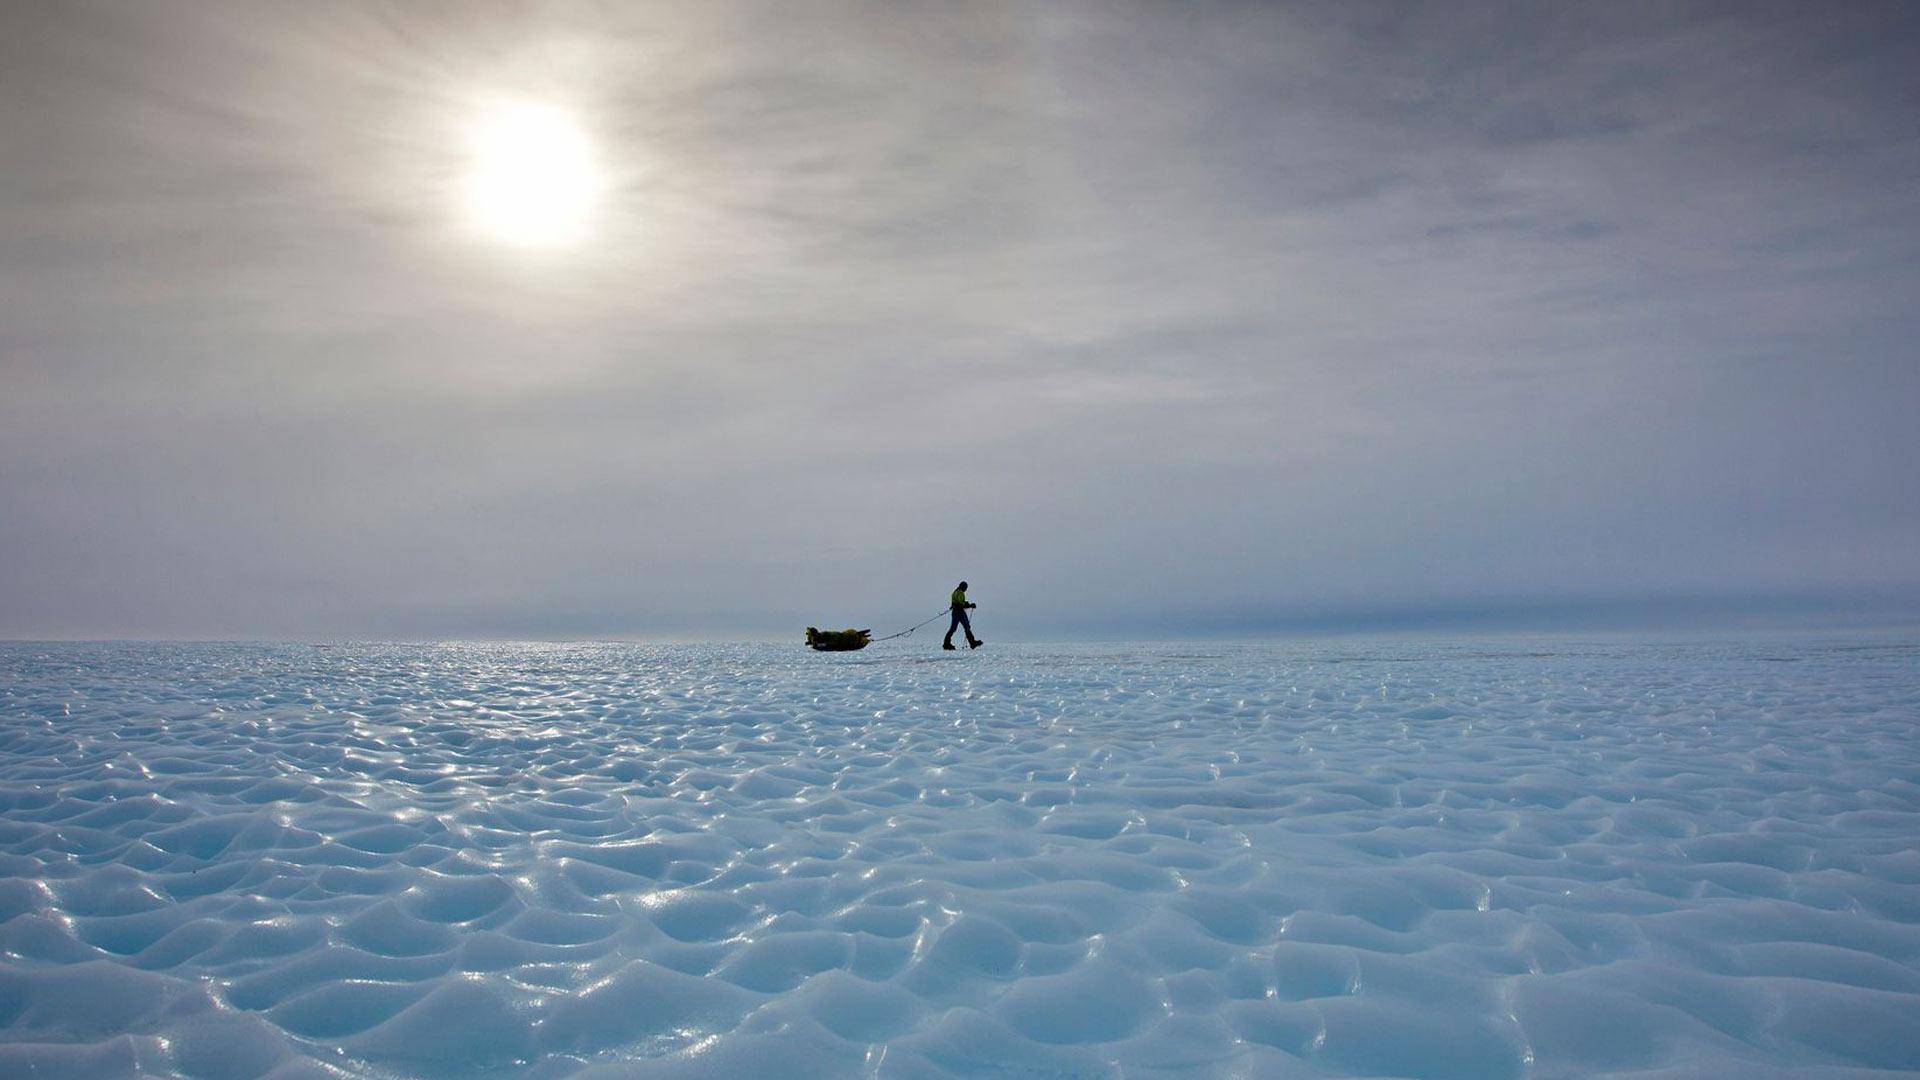 """Löytöretkeilijä Patrick """"Pata"""" Degermanille uran suurin saavutus on ensimmäinen matka Etelämantereelle Veikka Gustafssonin kanssa."""